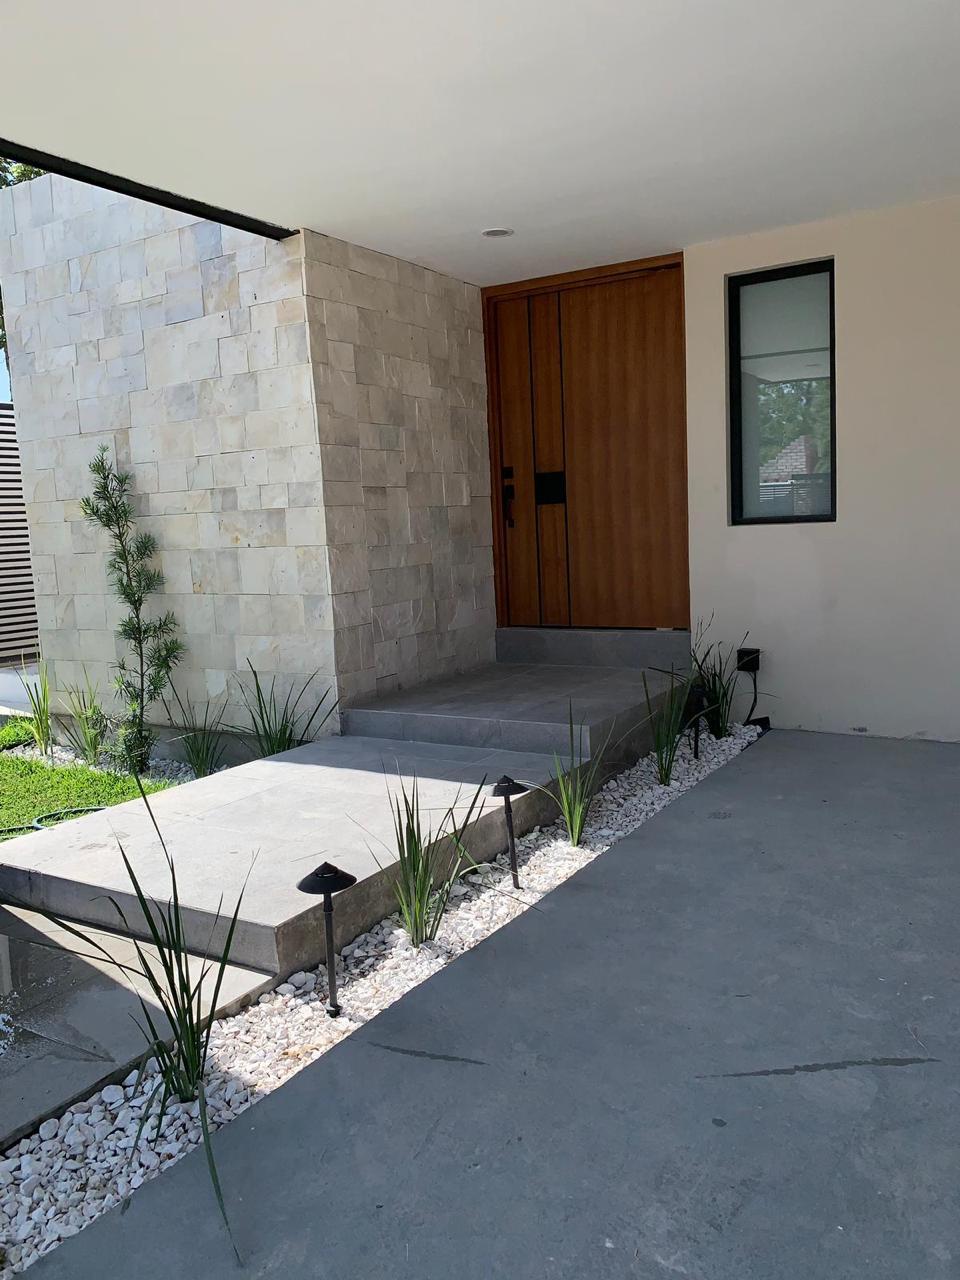 RENTA CASA EN PRIVADA, CALLE JUAREZ #200 COL. VILLA DE FUENTE, $ 14,000 (RC #48)